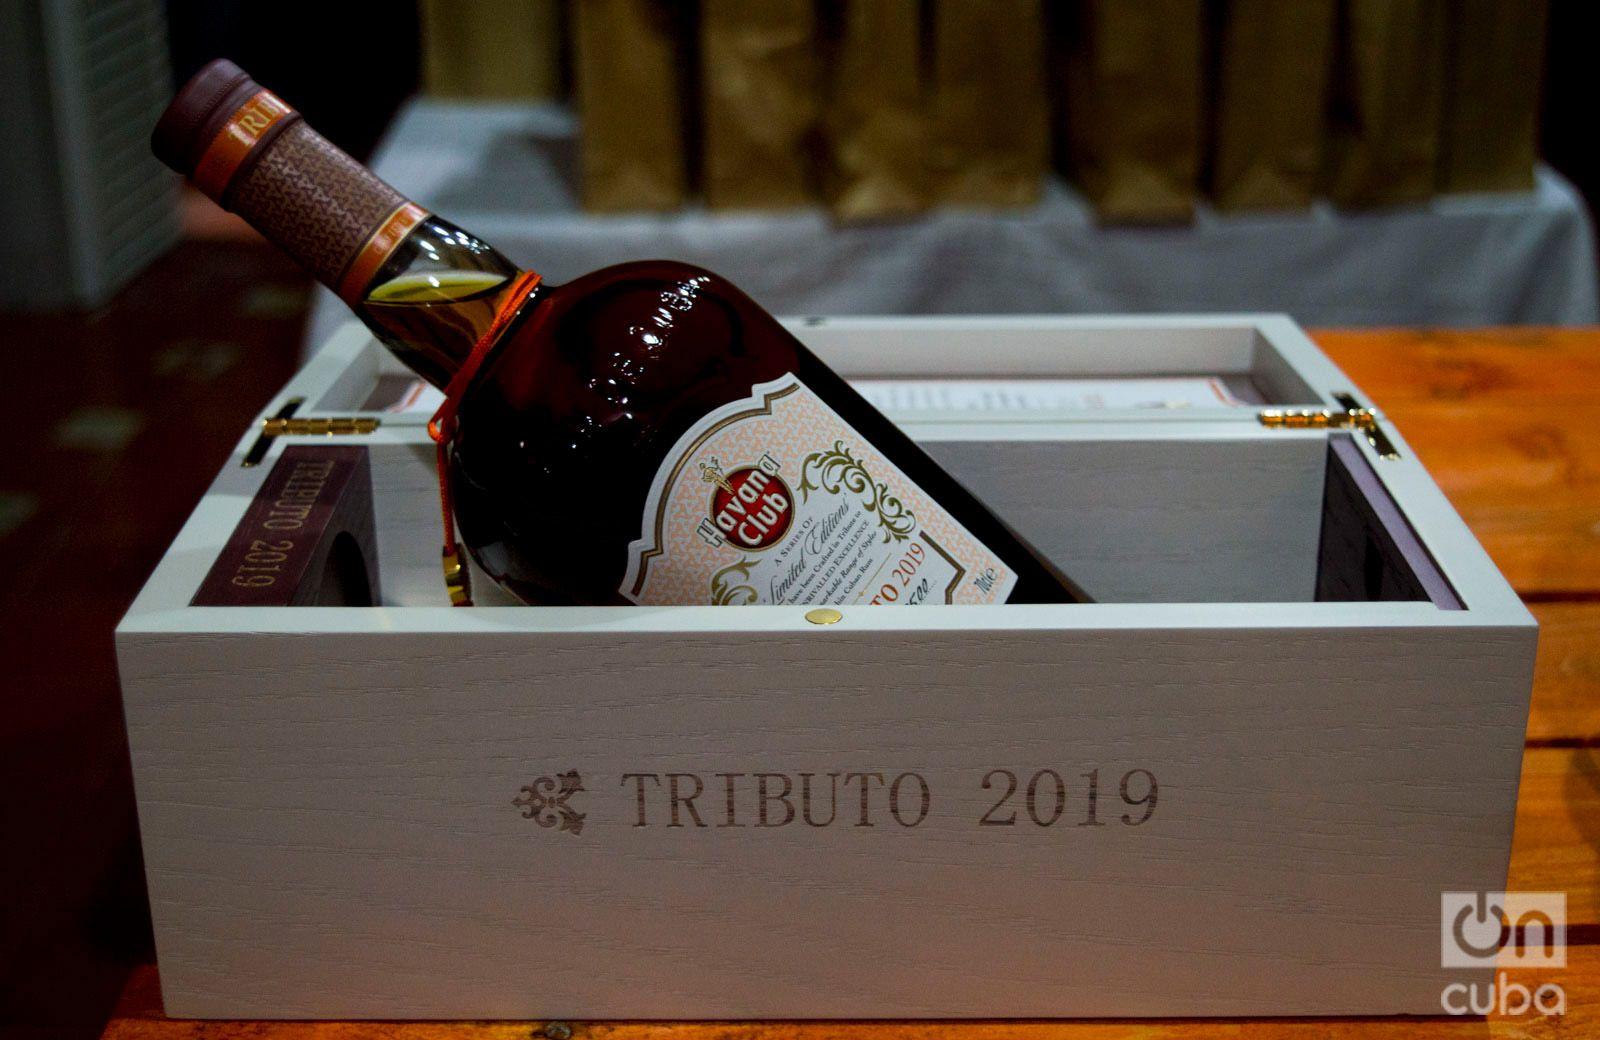 Ron Tributo 2019, de la colección icónica de Havana Club. Foto: Otmaro Rodríguez.